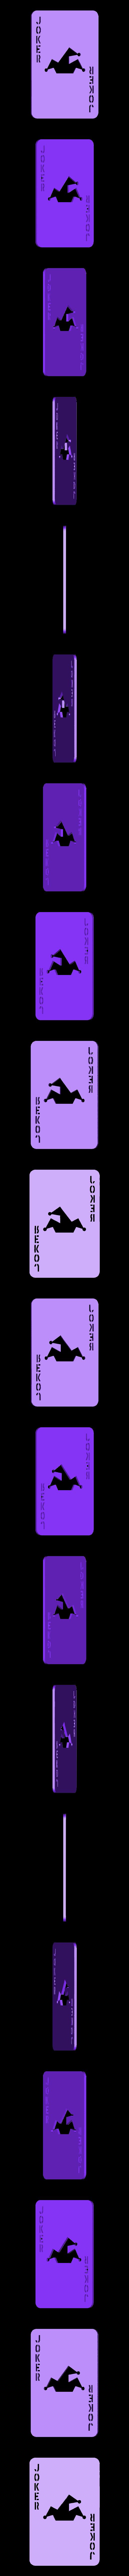 Joker_hole.stl Télécharger fichier SCAD gratuit Les cartes à jouer • Objet imprimable en 3D, yvrogne59